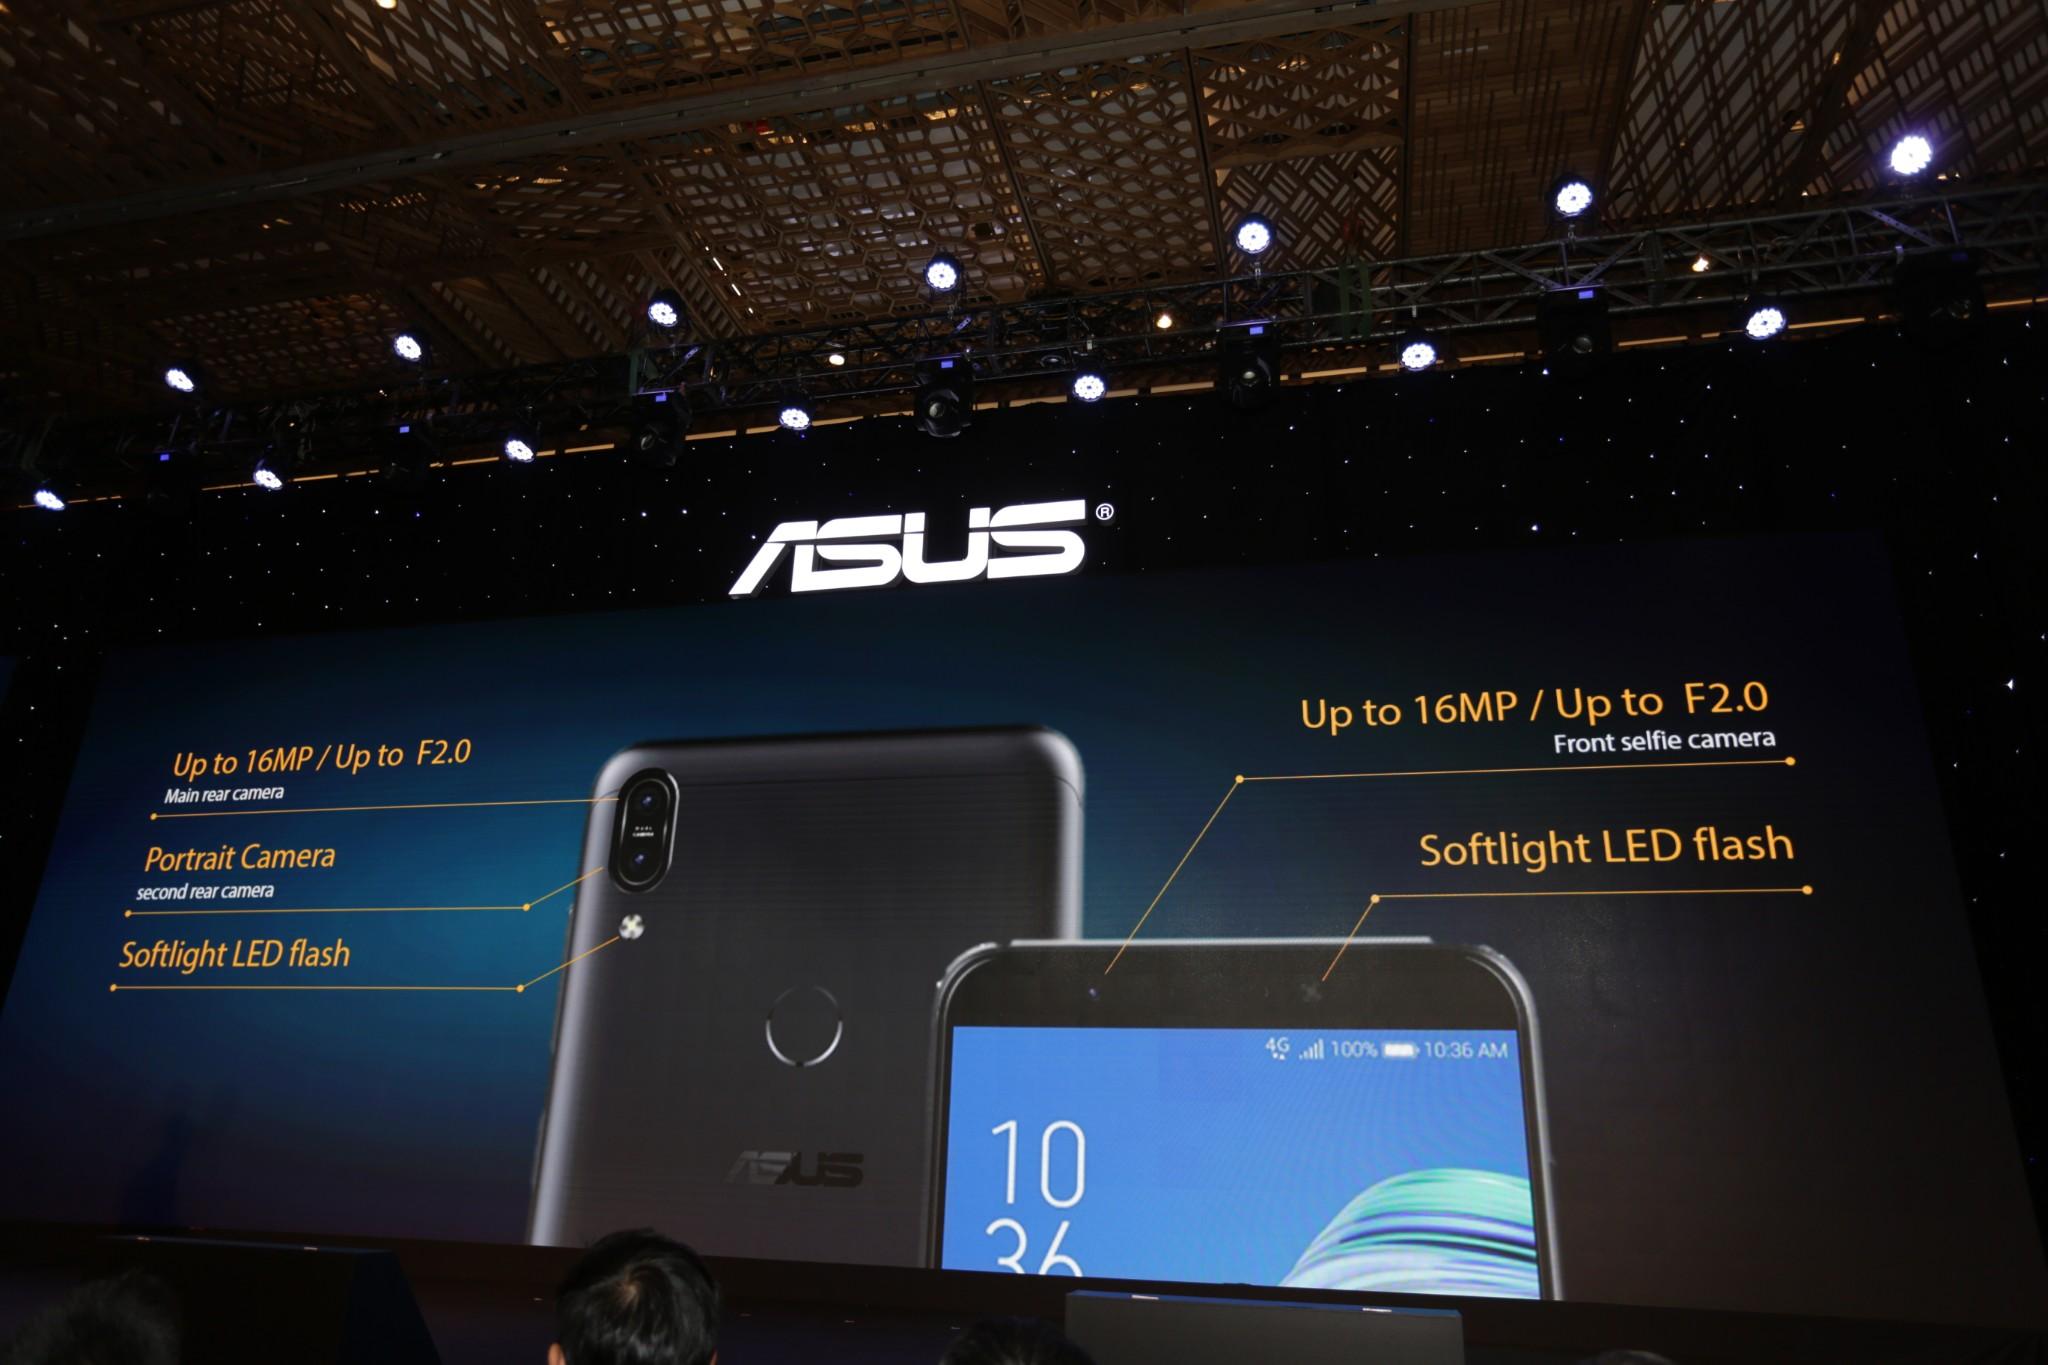 Asus ra mắt Zenfone 5Z và Zenfone Max Pro M1 tại Việt Nam hình 11